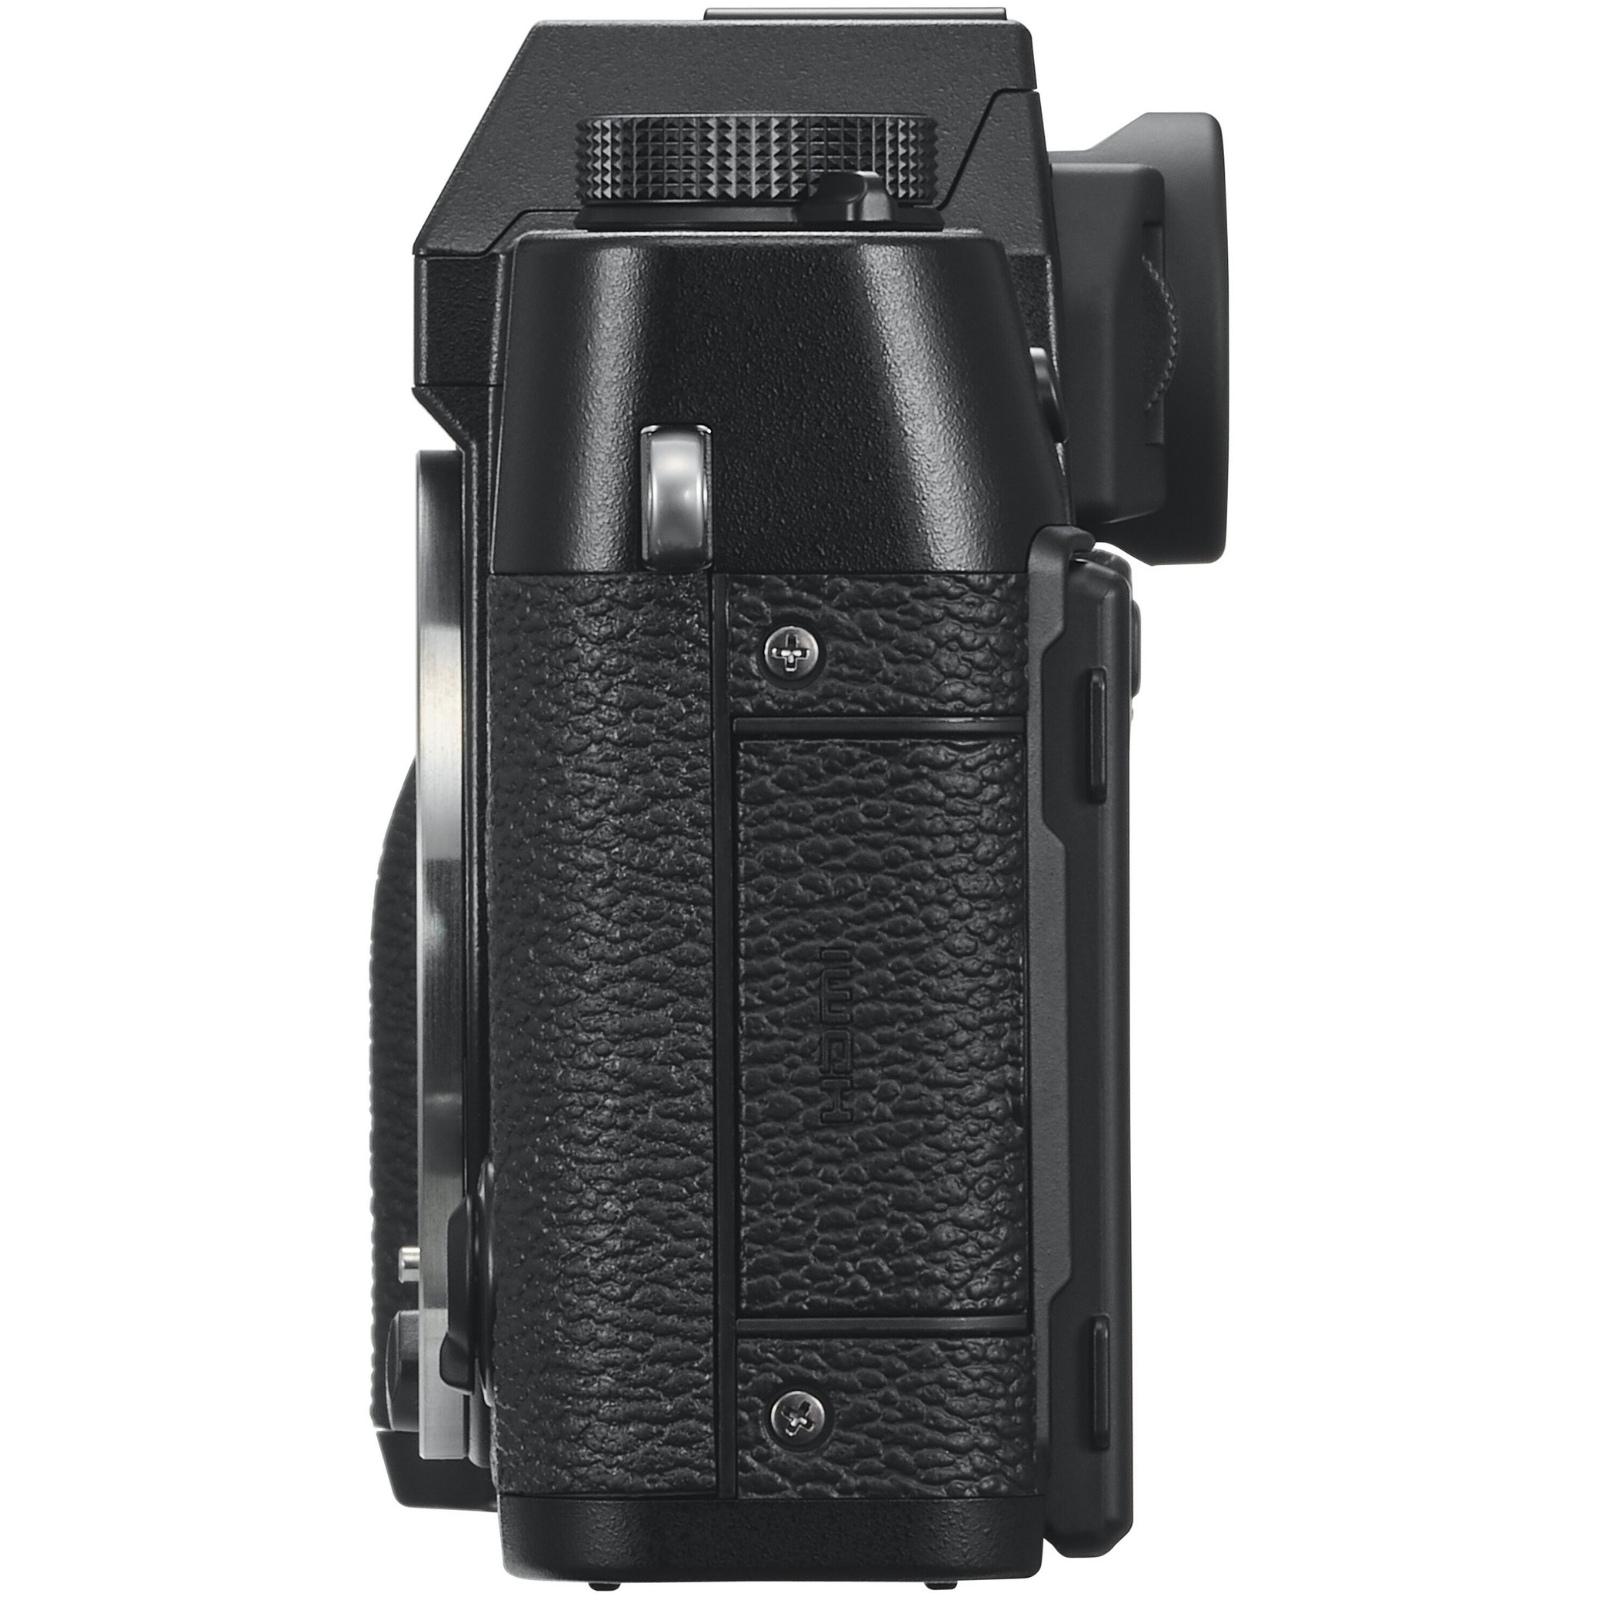 FUJIFILM 富士フィルム ミラーレス一眼カメラ X-T30 ボディ ブラック X-T30-B 新品